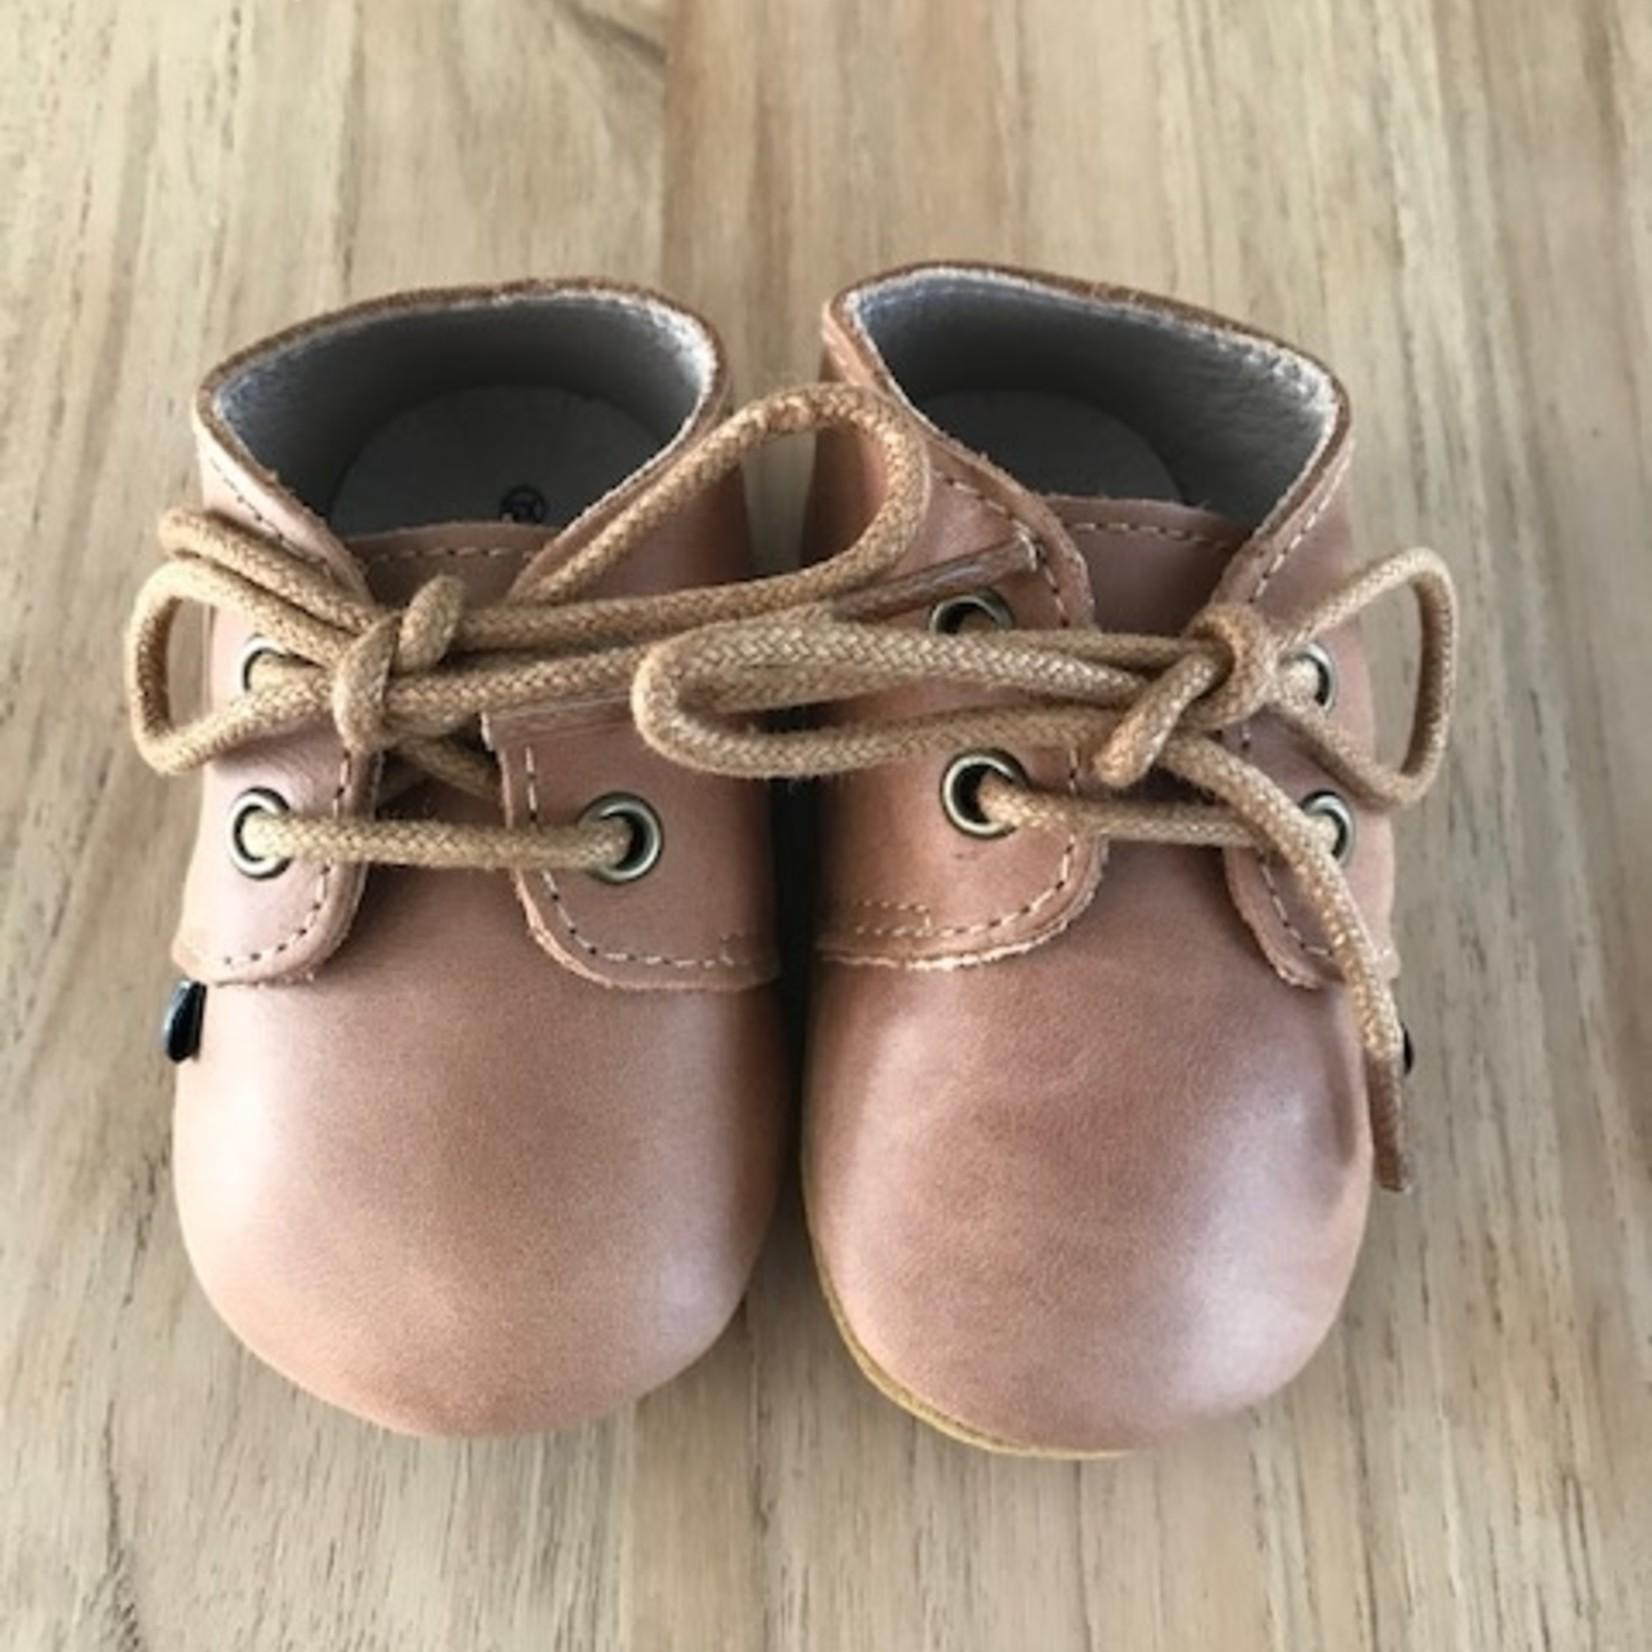 Kidooz Kidooz Milo boots wax Brown - Brown